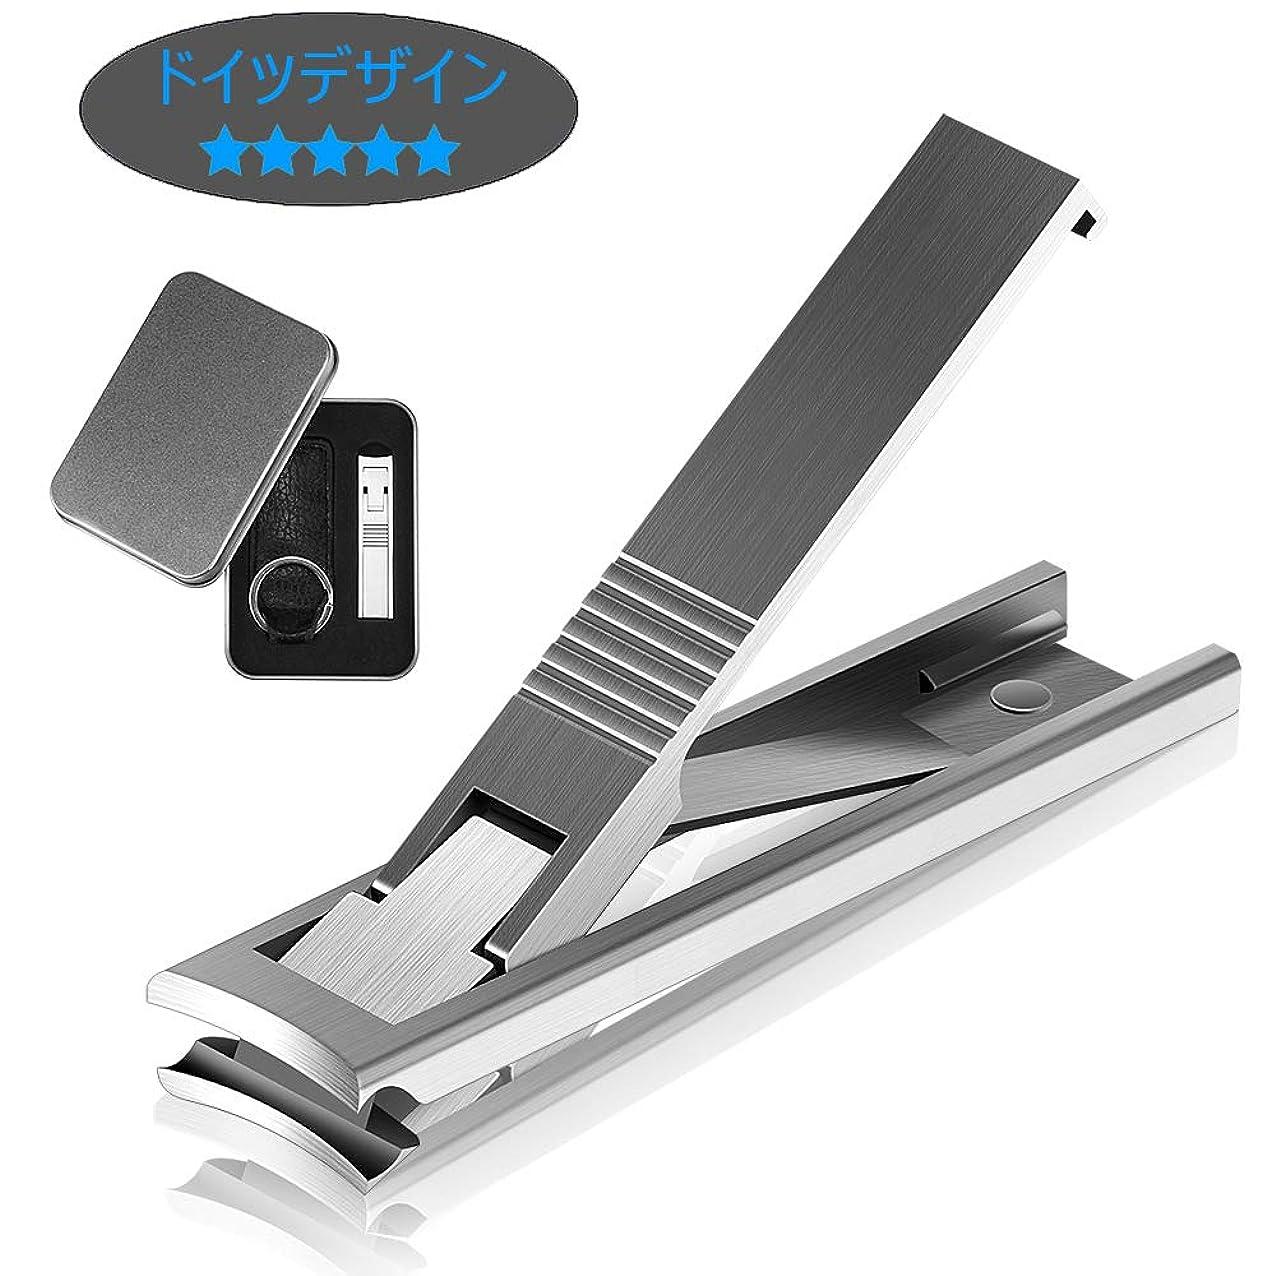 スポーツ選ぶ騒ぎ爪切り-LECDDL 革新的なデザイン 厚さ3.8mmの超薄型爪切り つめきり カバー付き ステンレス鋼製 人気 高級飛び散り防止爪切り レザー収納袋付き 持ち運びしやすい